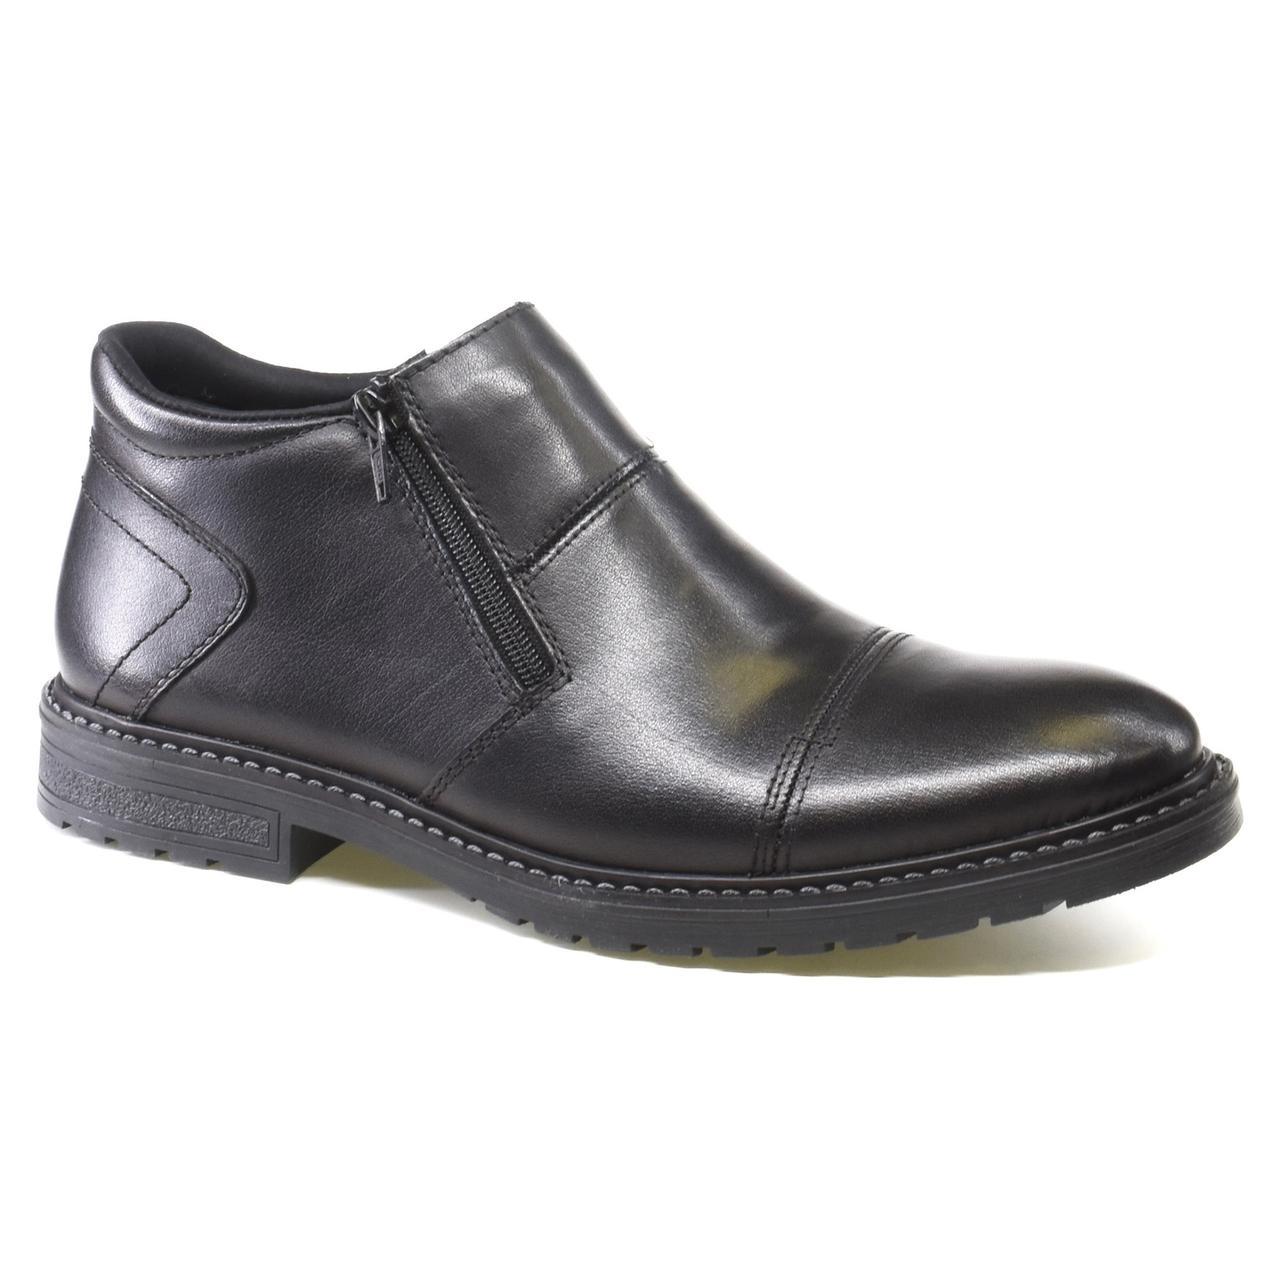 627c06c1a Повседневные Ботинки Rieker B5393-00, Код: 2906, Размеры: 40, 41, 42 ...